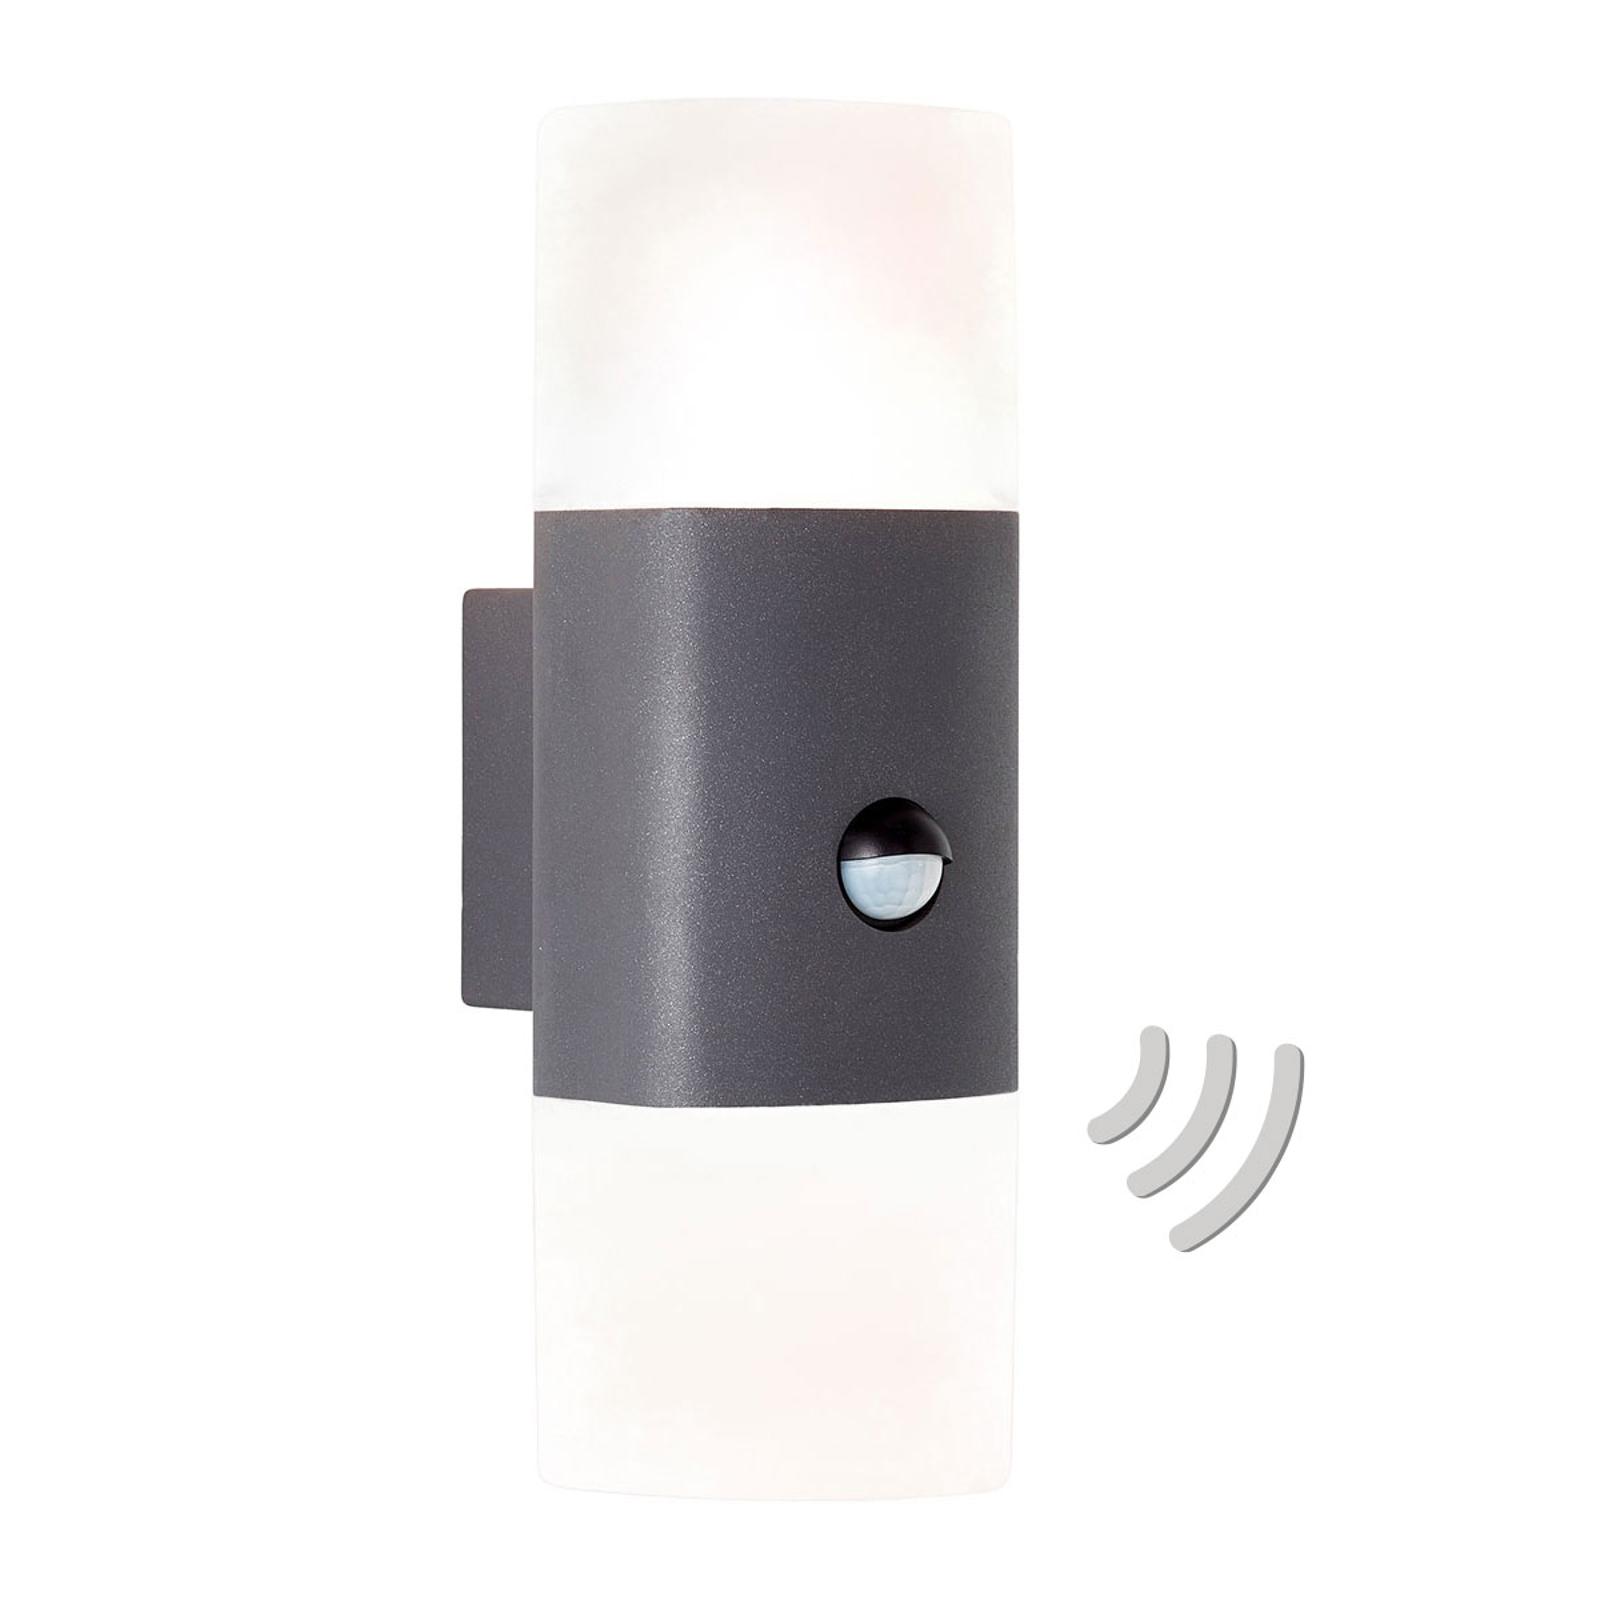 AEG Farlay utendørs LED-vegglampe 2 kilder sensor